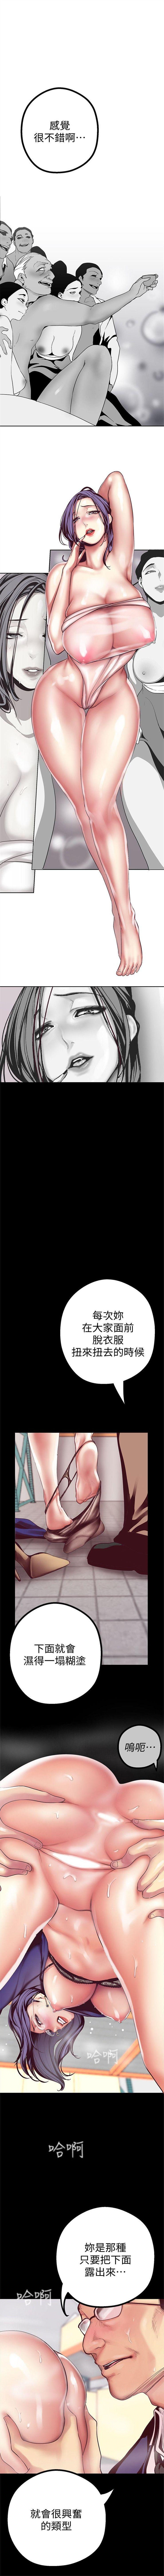 美麗新世界 1-85 官方中文(連載中) 155